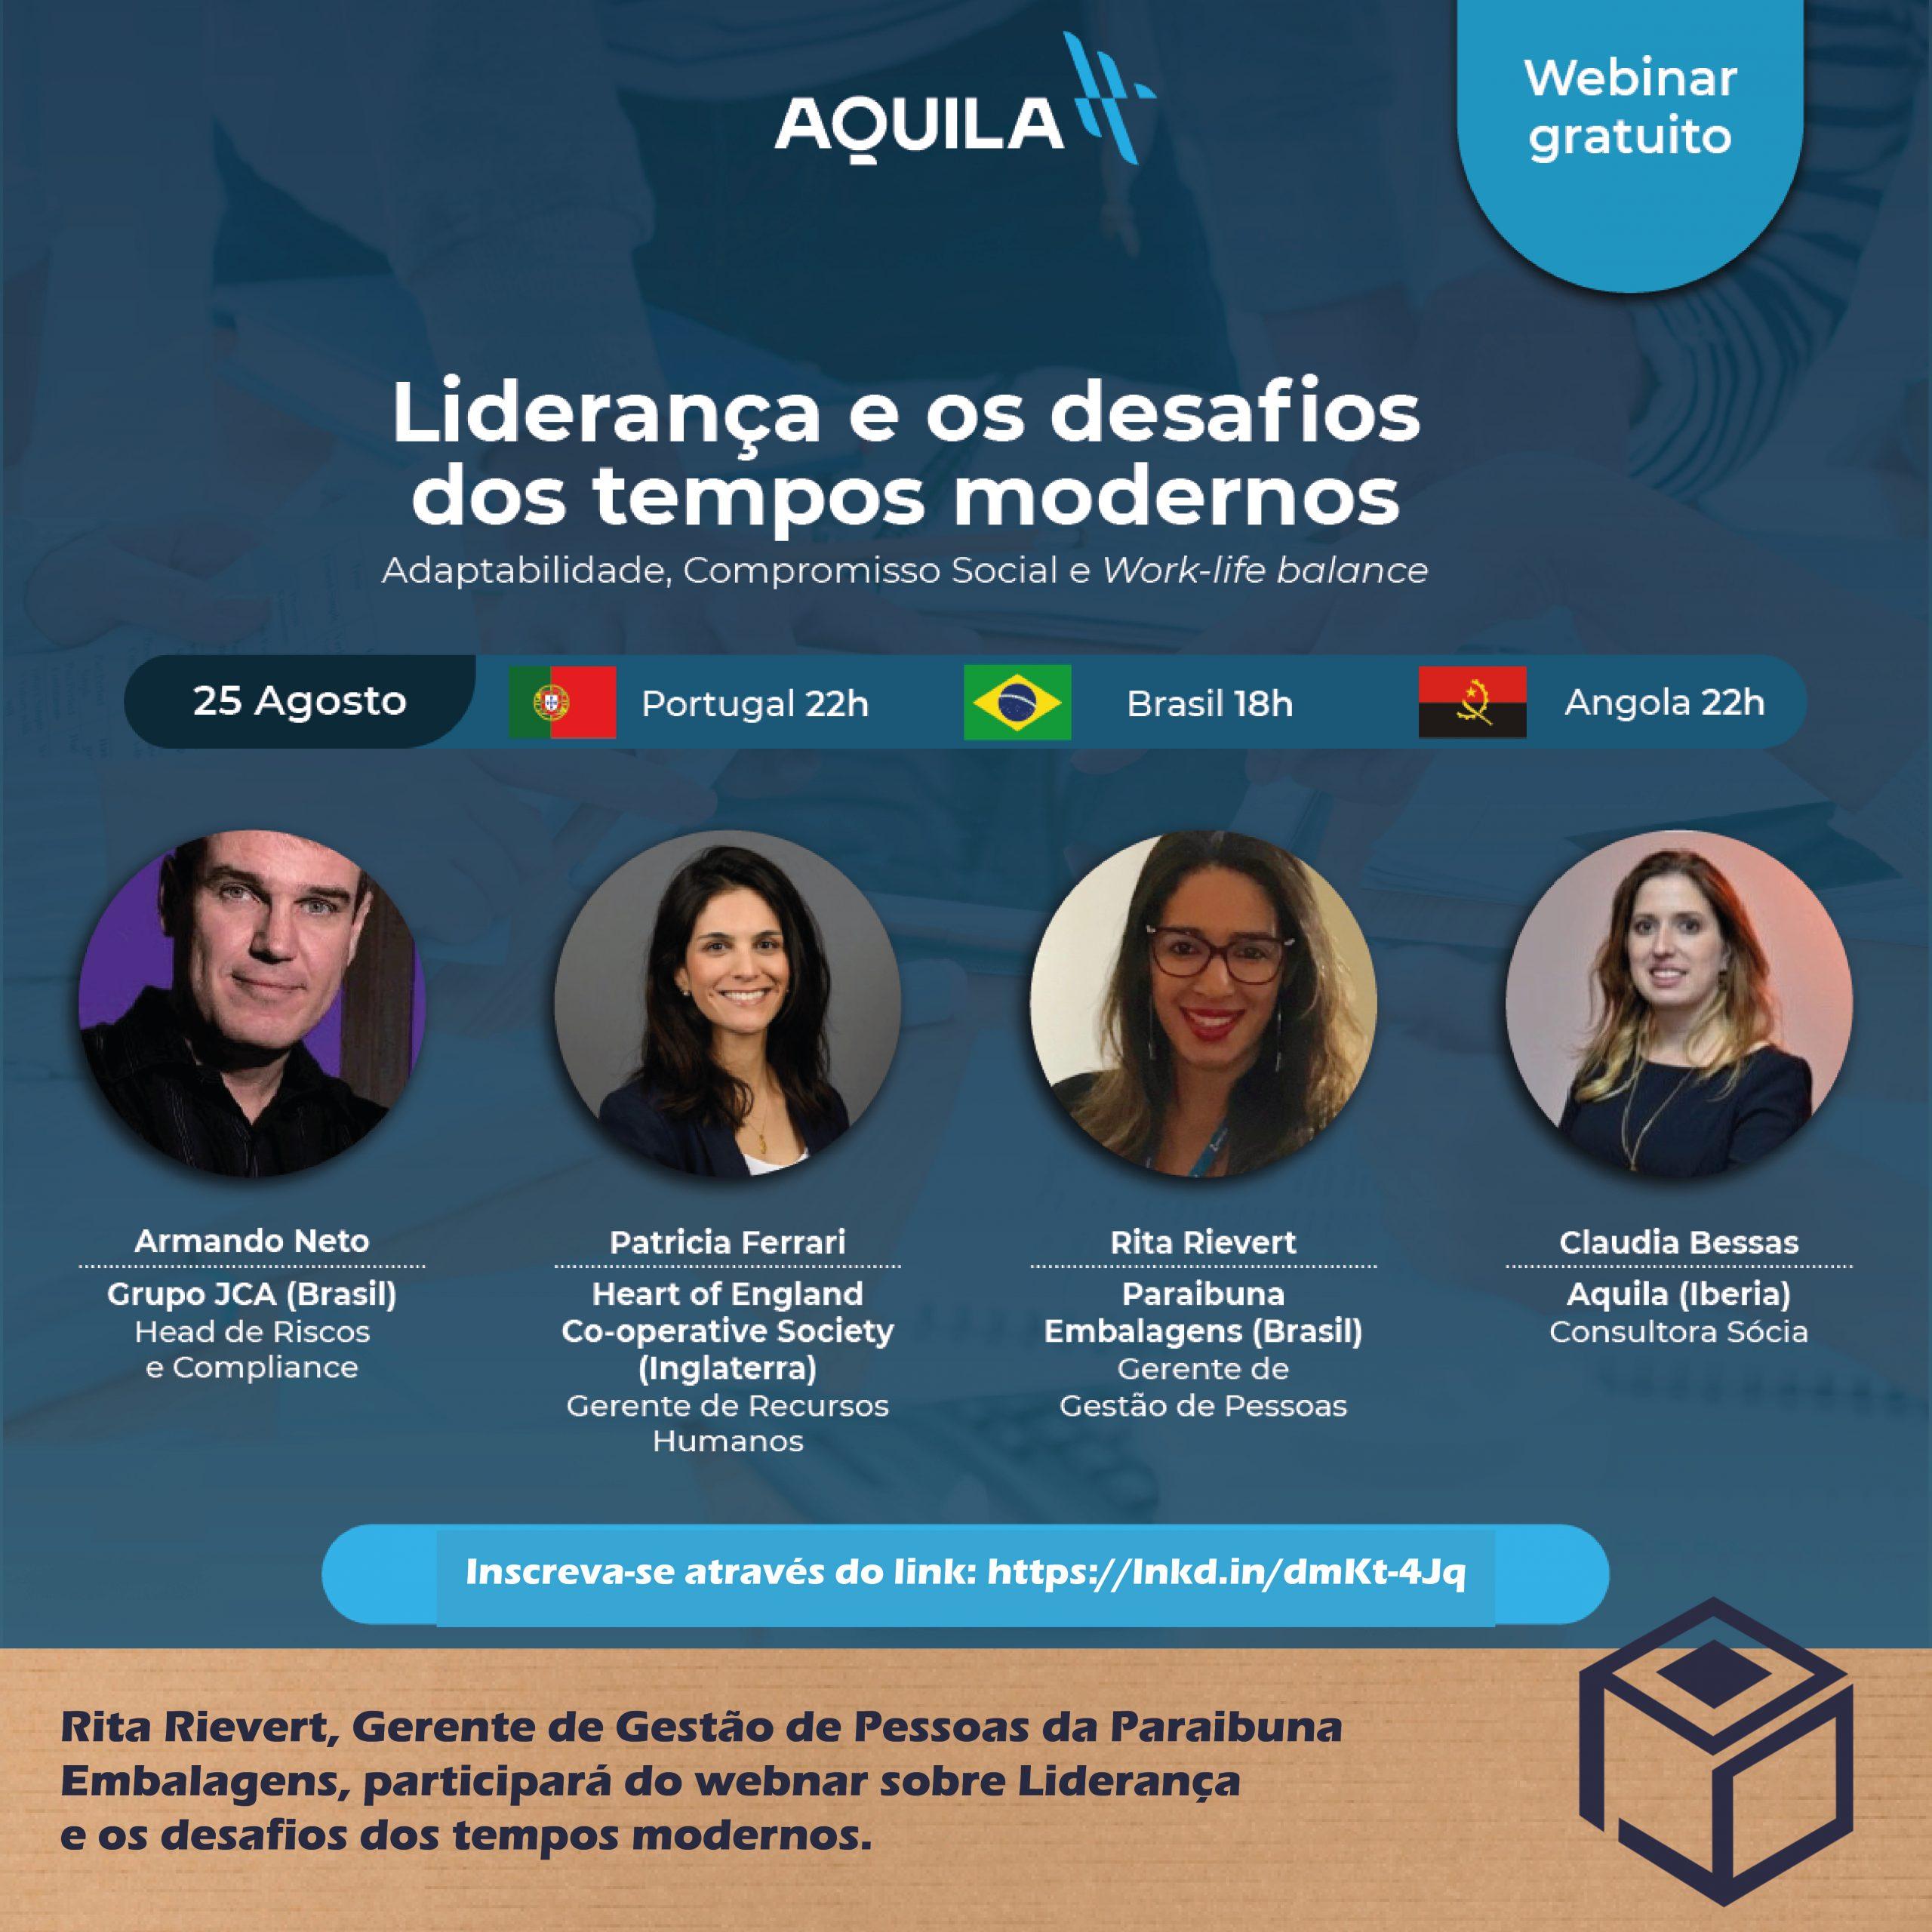 Participação da Webnar sobre Liderança e os desafios dos tempos modernos.